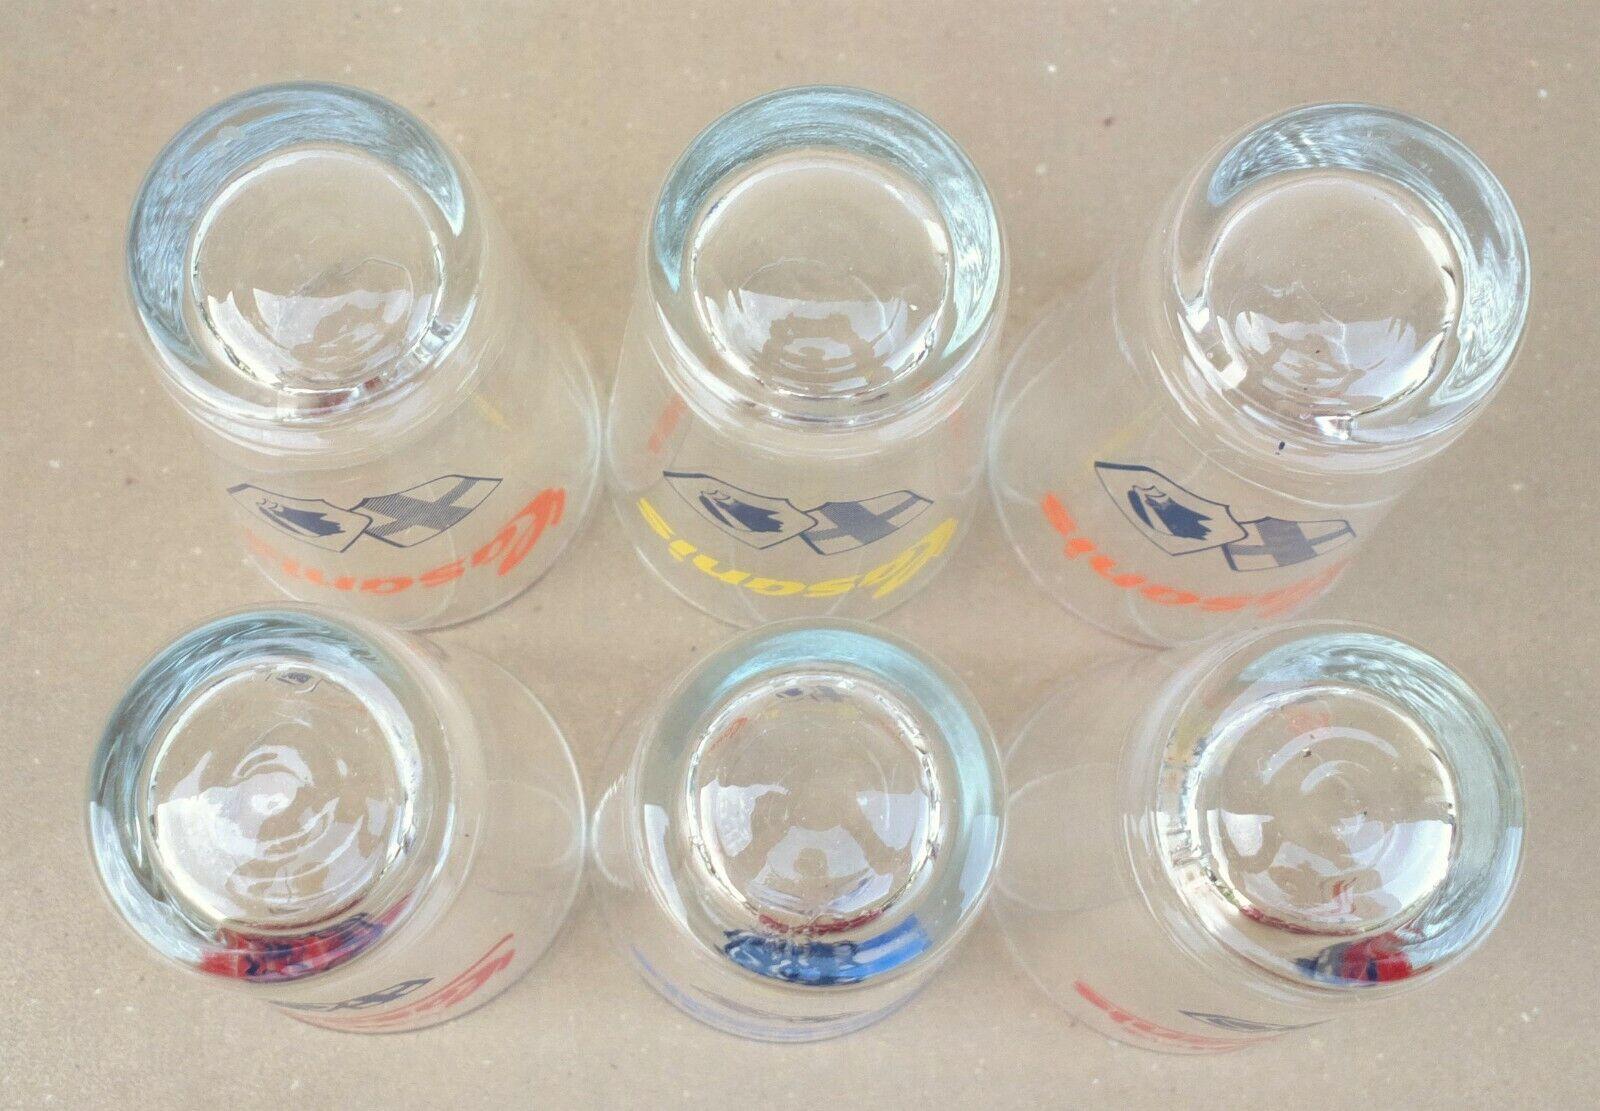 6 verres casanis blason marseille tete de maure seau glaçon pub bistrot anisette